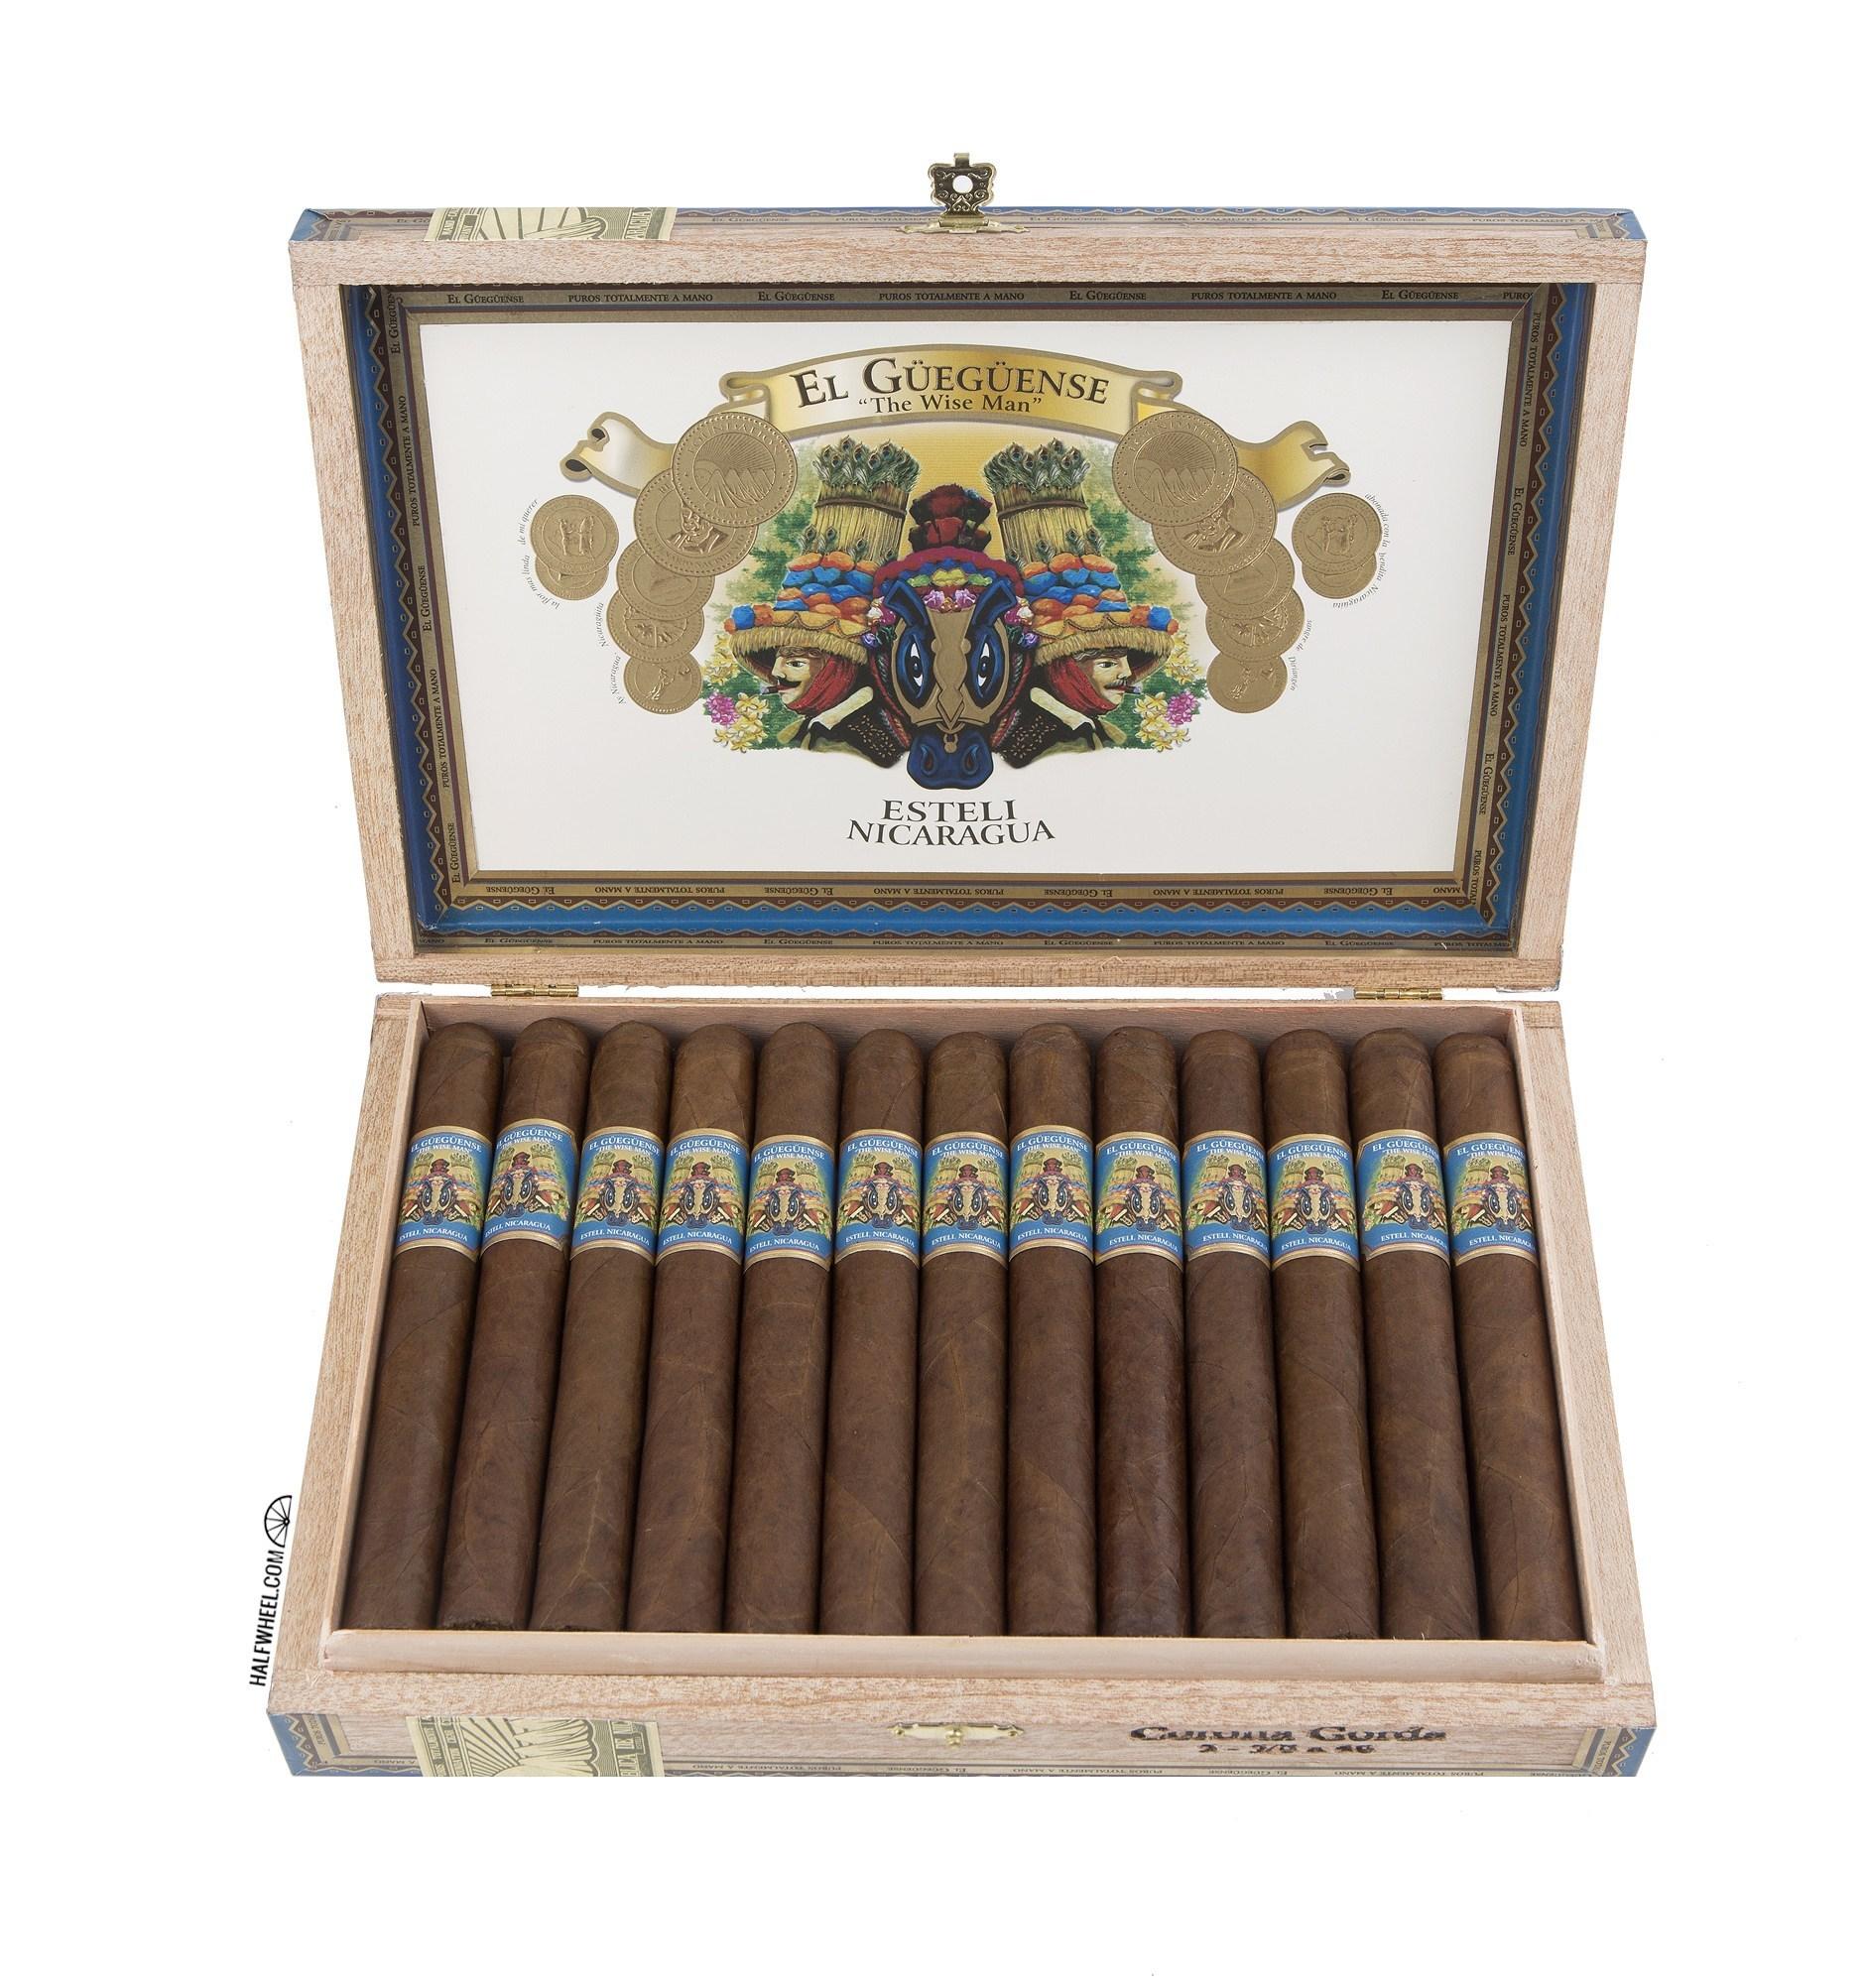 El Gueguense Corona Gorda Box 2